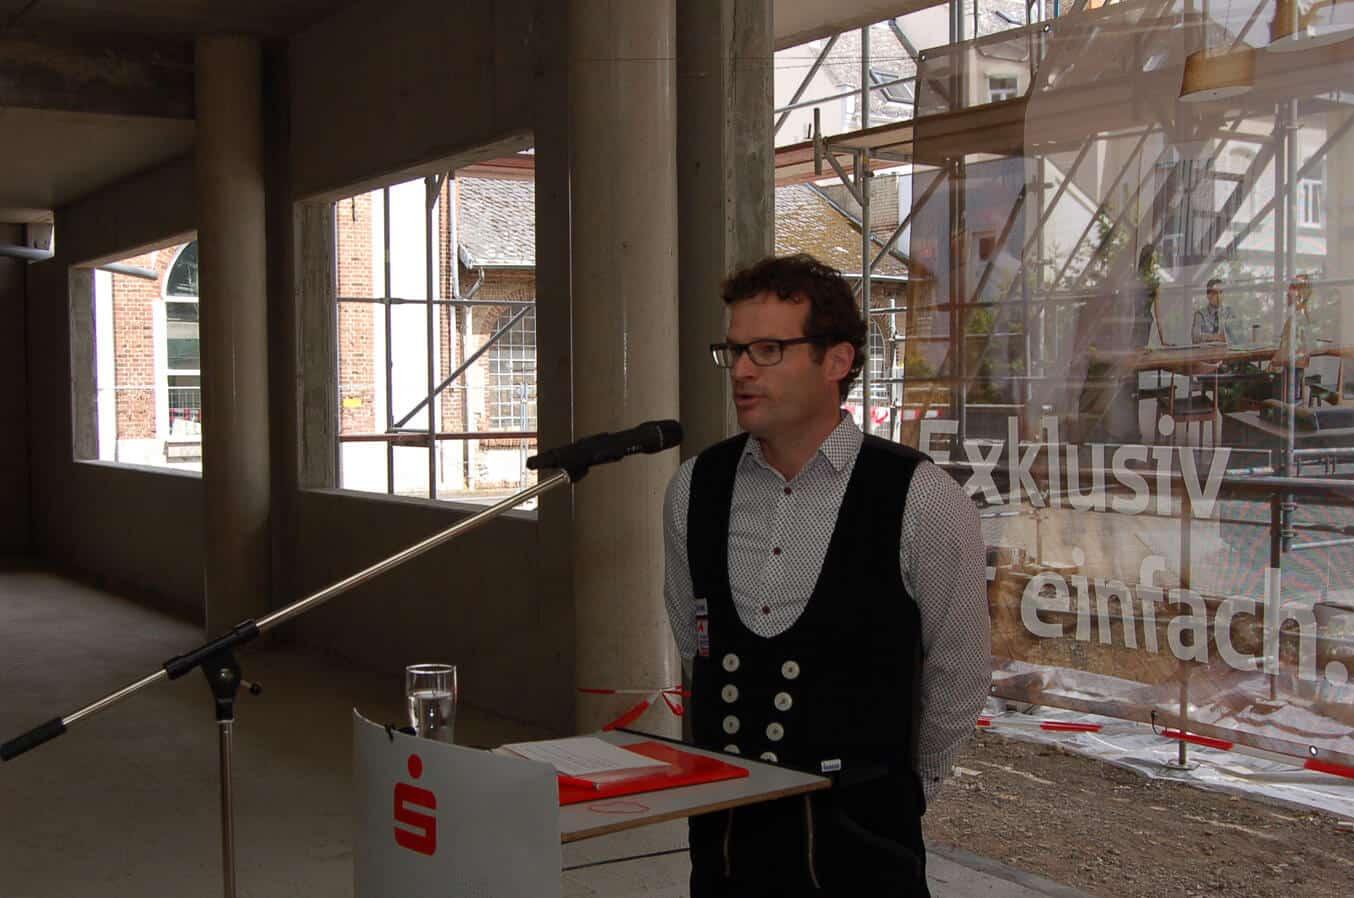 Dachdecker Achim Schmidt erteilt baulichen Segen